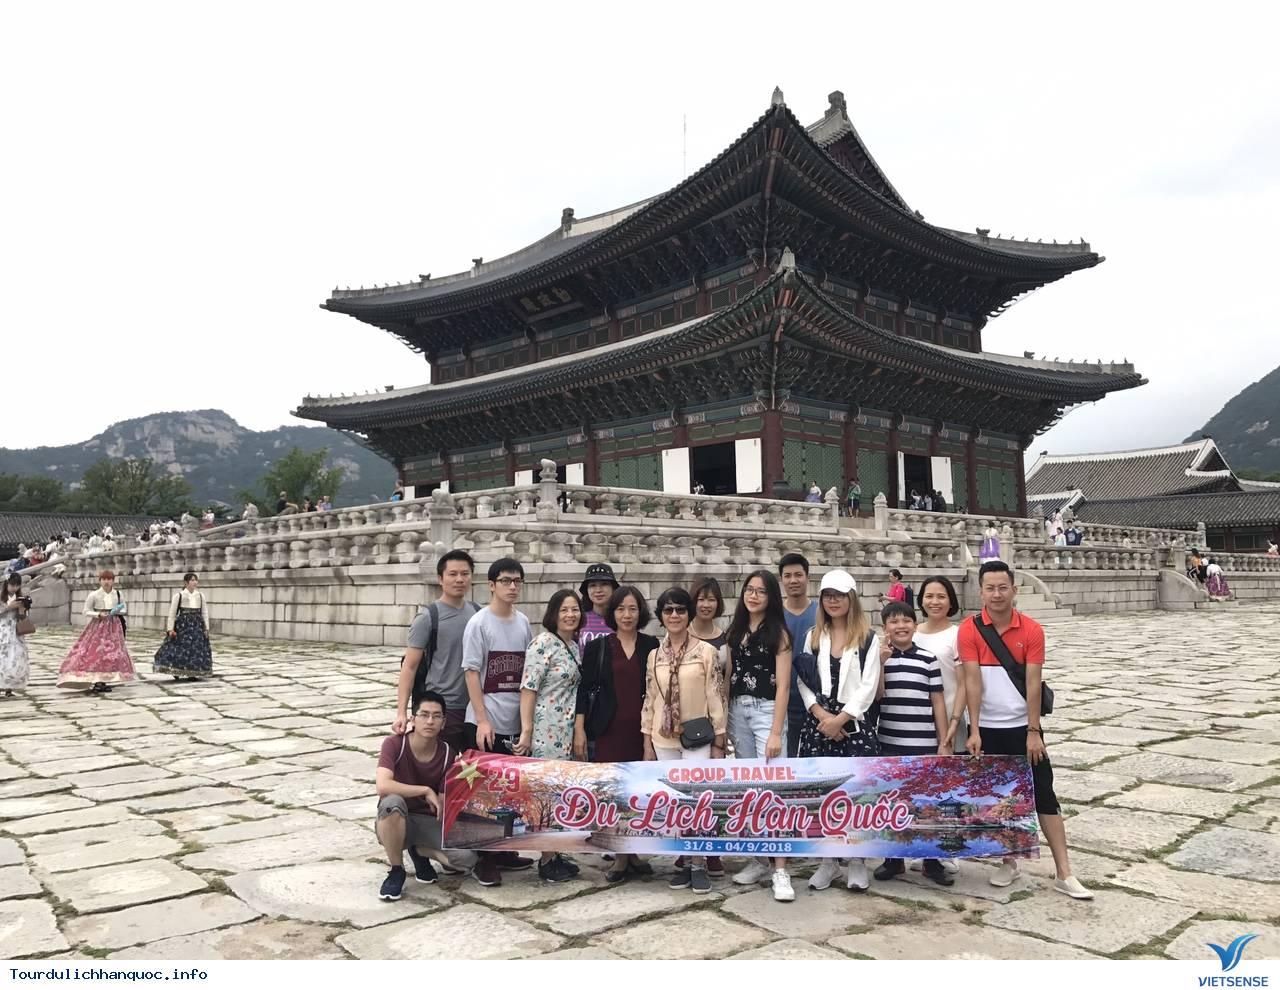 Hình ảnh đoàn Hàn Quốc 31/804/09/2018do Vietsense tổ chức - Ảnh 4